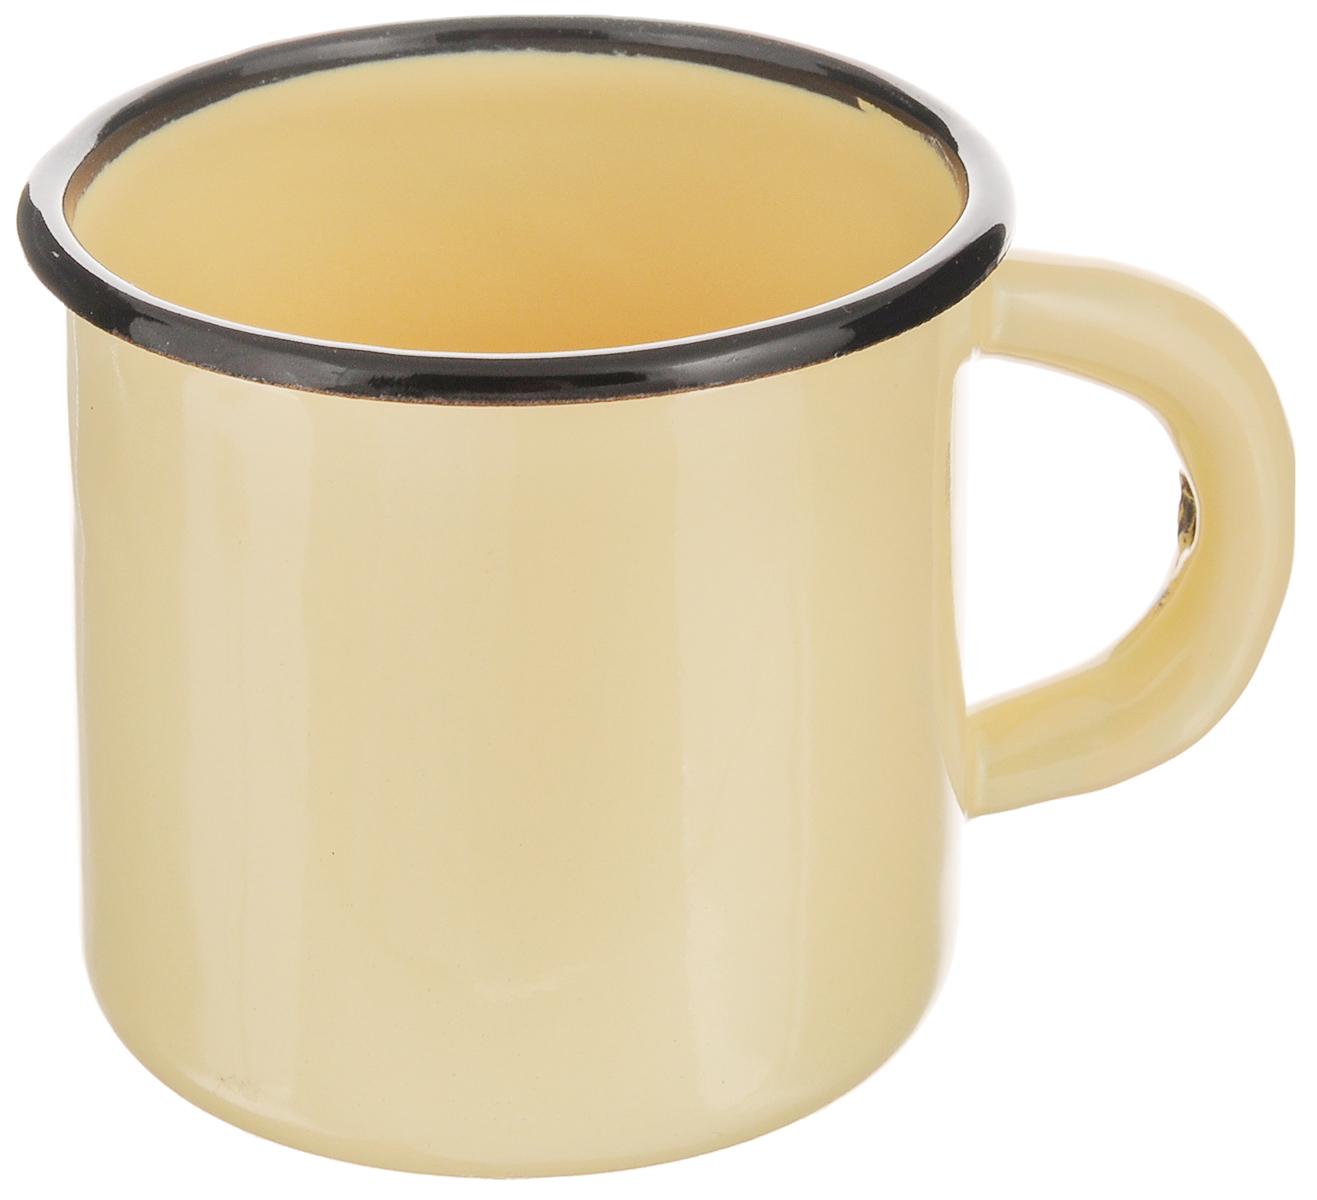 Кружка эмалированная СтальЭмаль, цвет: светло-желтый, 250 мл2с1_желтыйКружка СтальЭмаль, изготовленная из высококачественной стали с эмалированным покрытием, оснащена удобной ручкой. Такая кружка не требует особого ухода и ее легко мыть. Благодаря классическому дизайну и удобству в использовании кружка займет достойное место на вашей кухне.